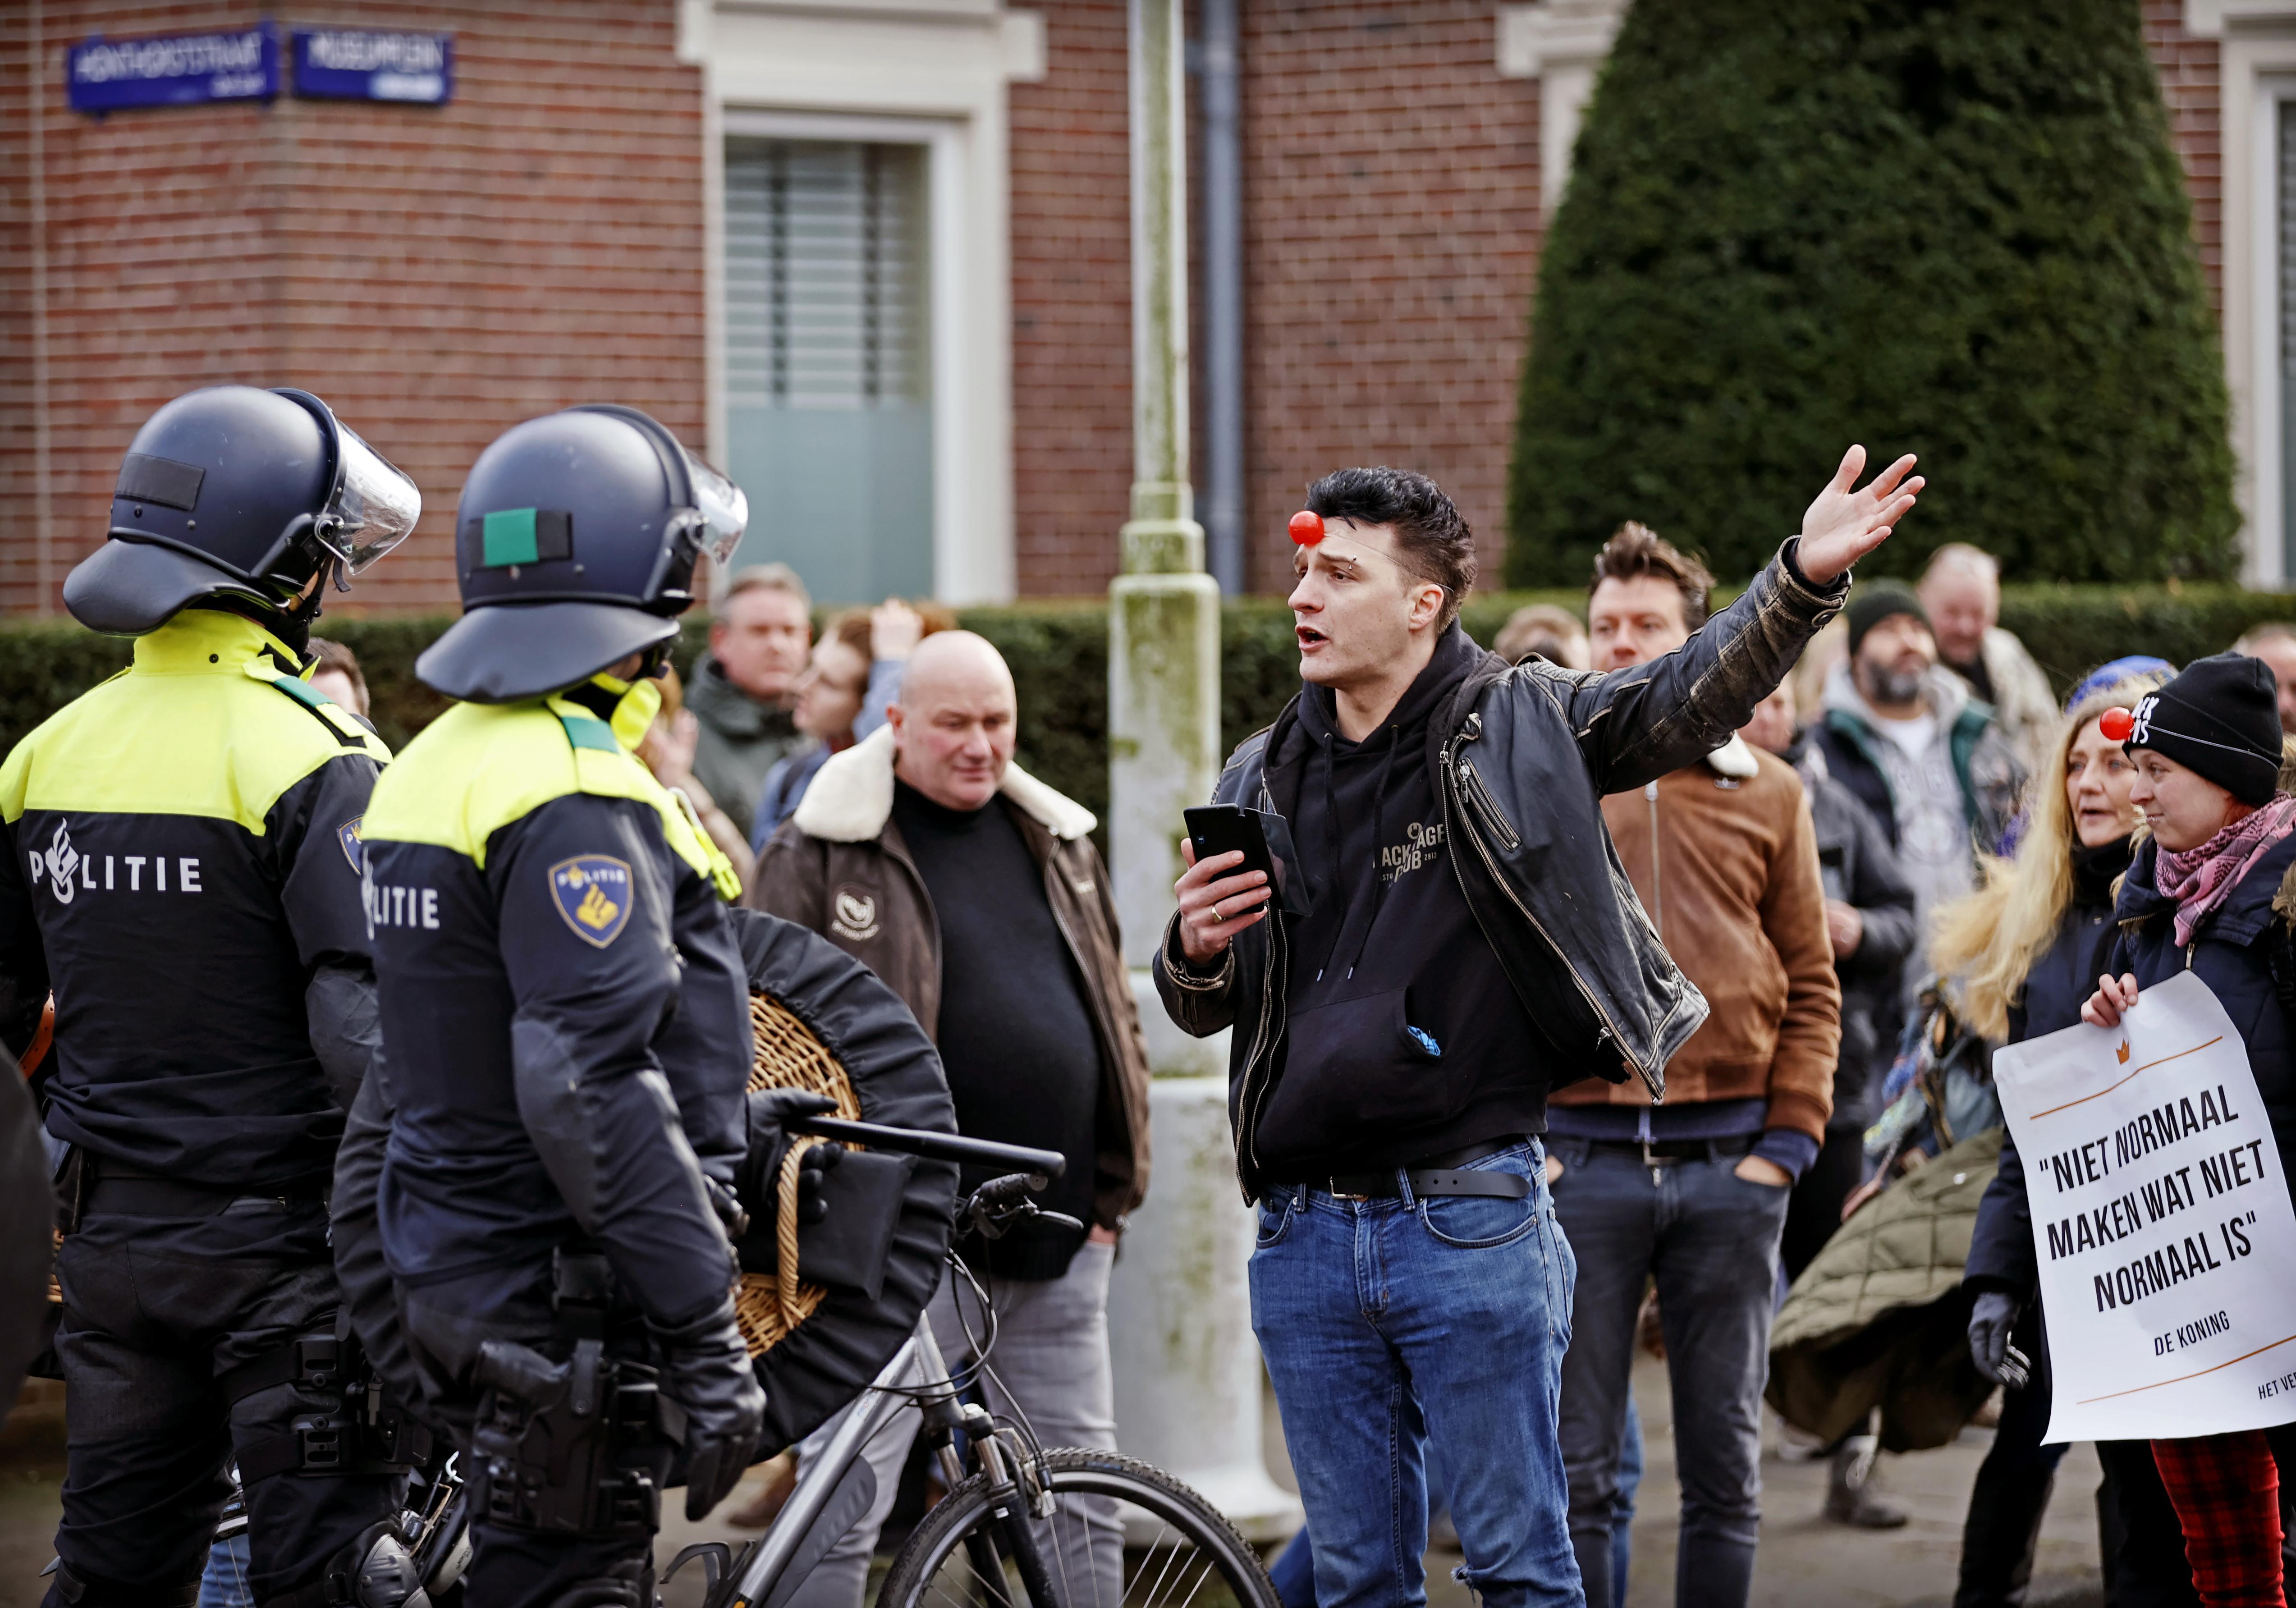 Verboden demonstratie op Museumplein Amsterdam loopt uit de hand: ME ingezet [video]